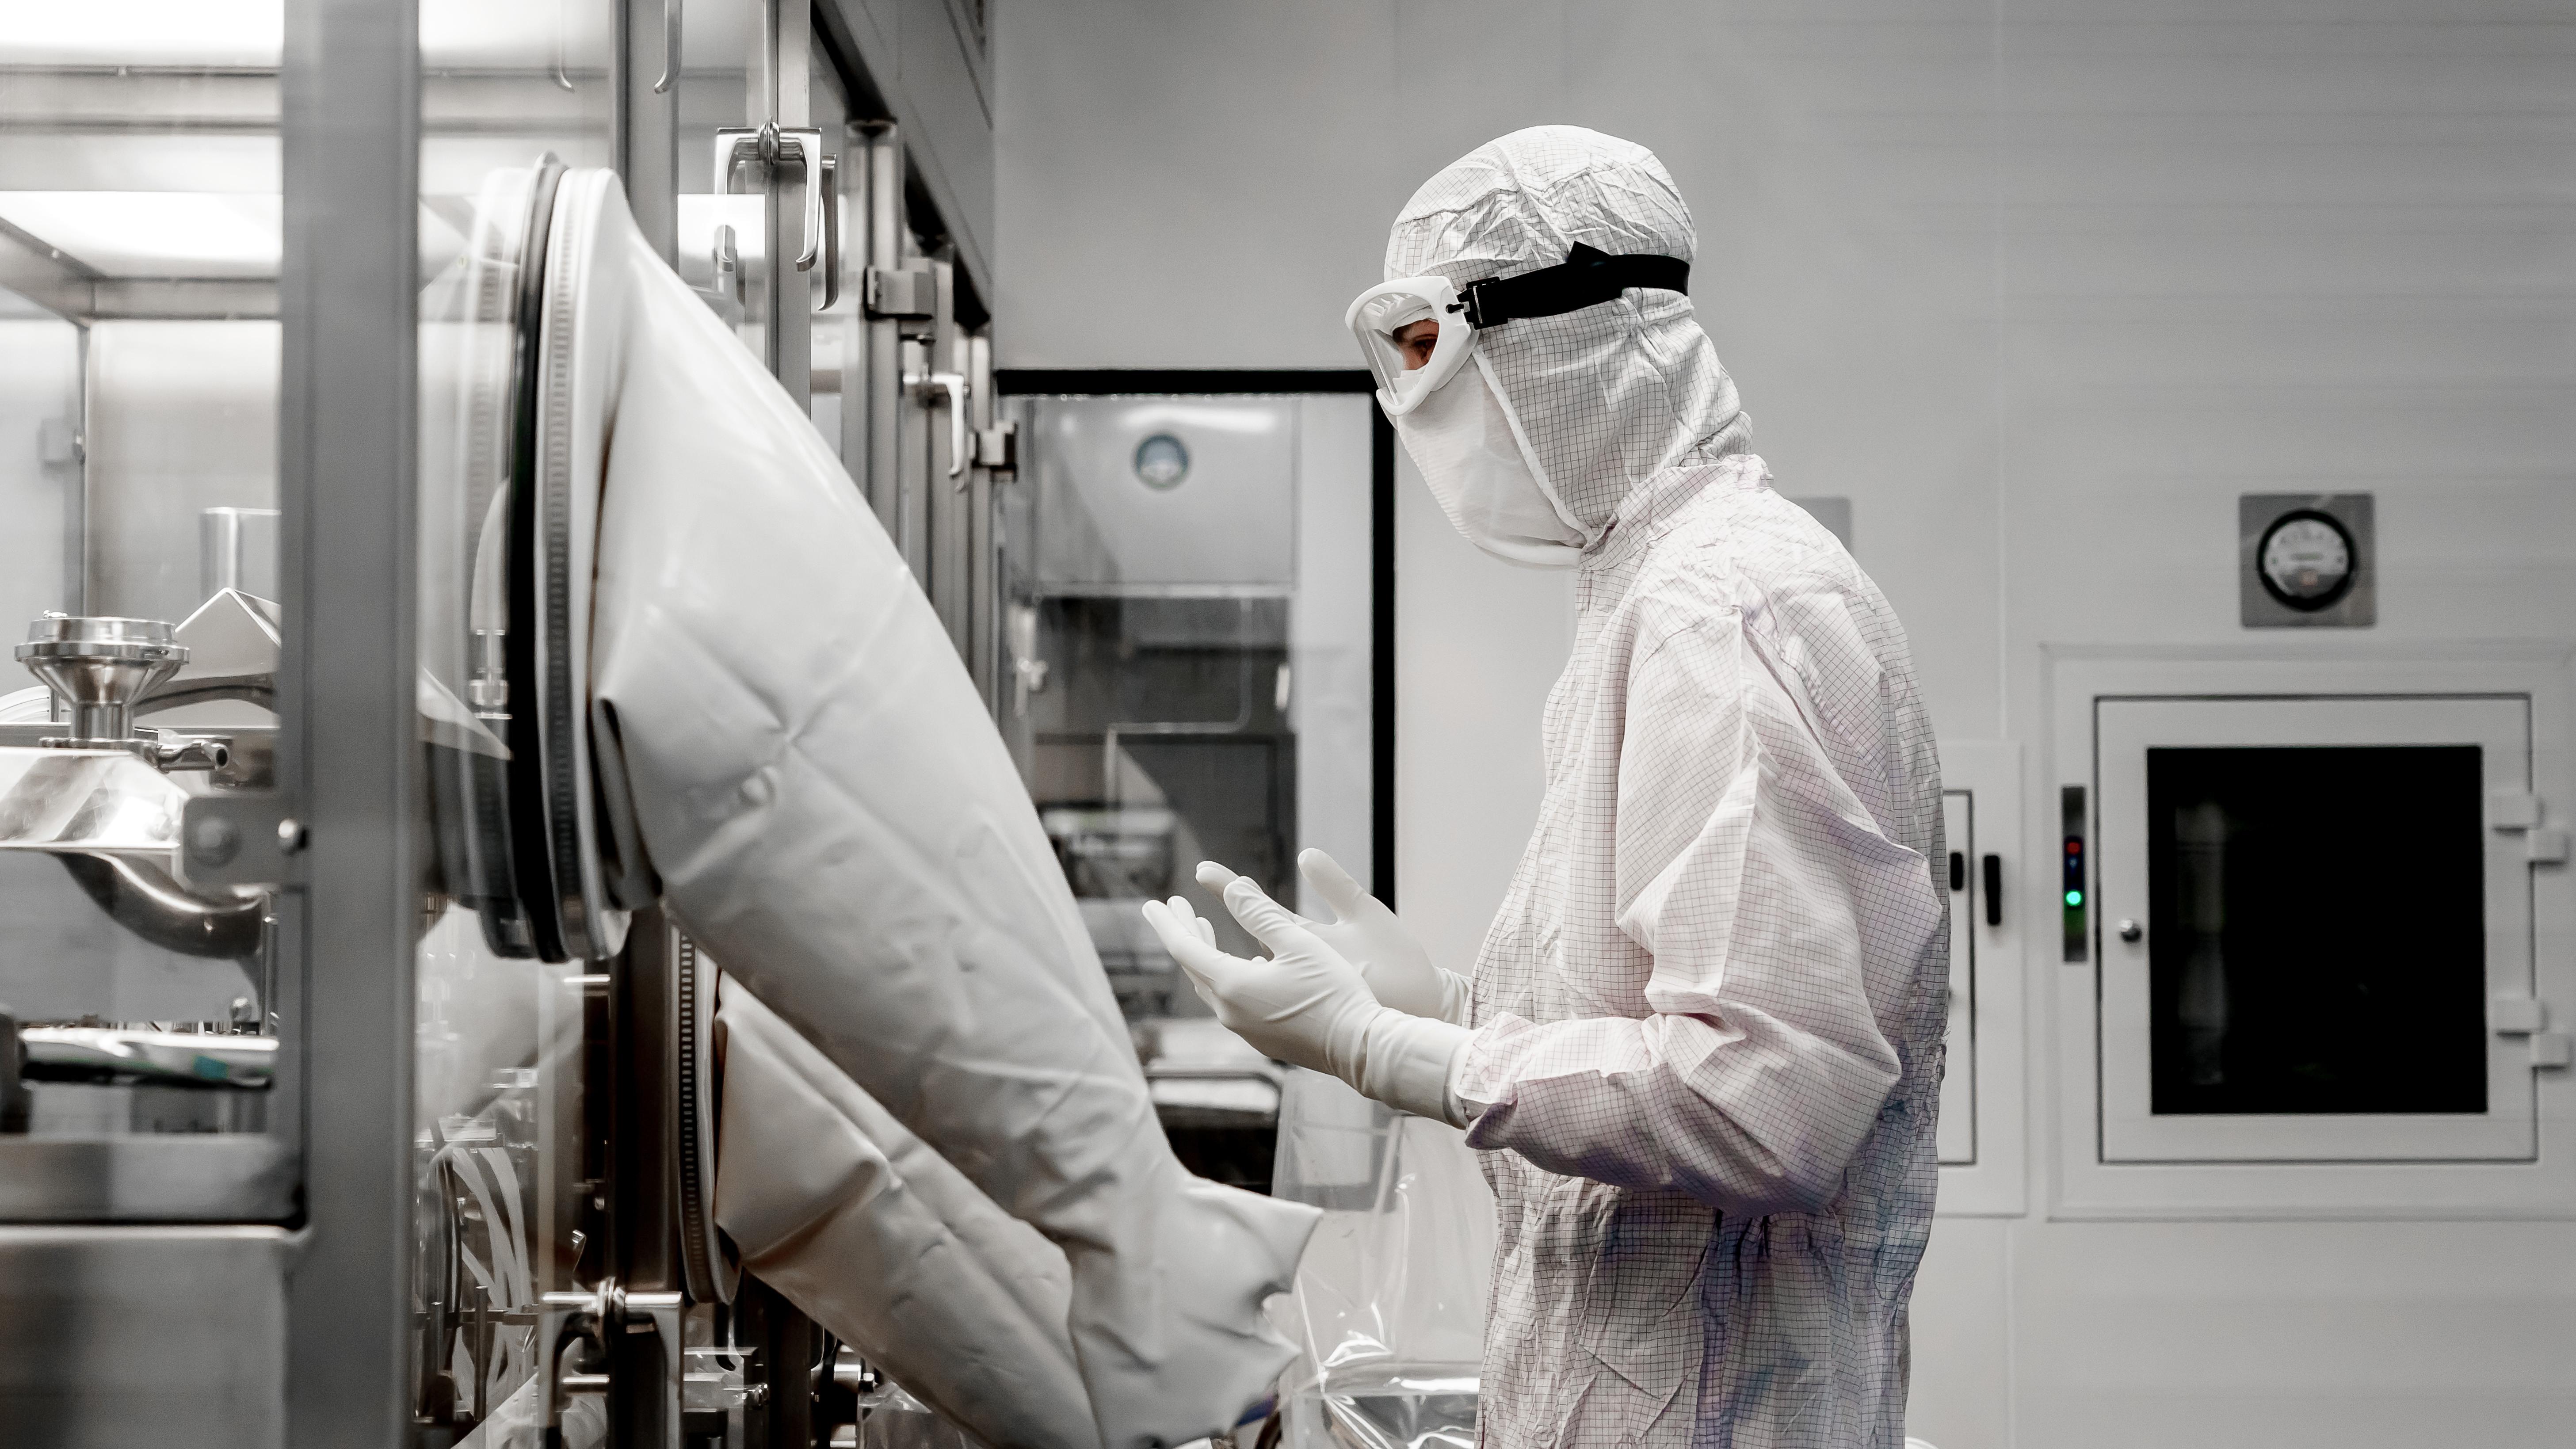 Компания из Подмосковья исследует препарат для лечения осложнений Covid-19